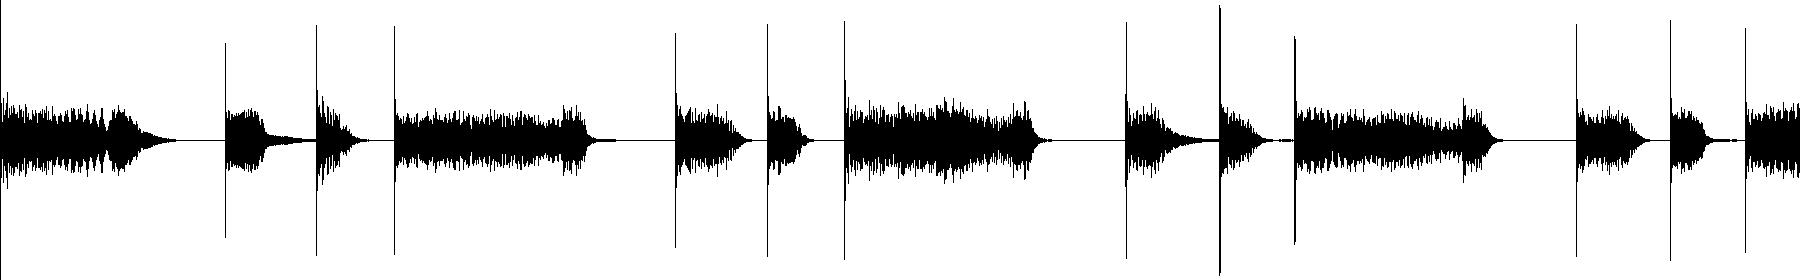 Fhp rhodes 20chords2 125 c